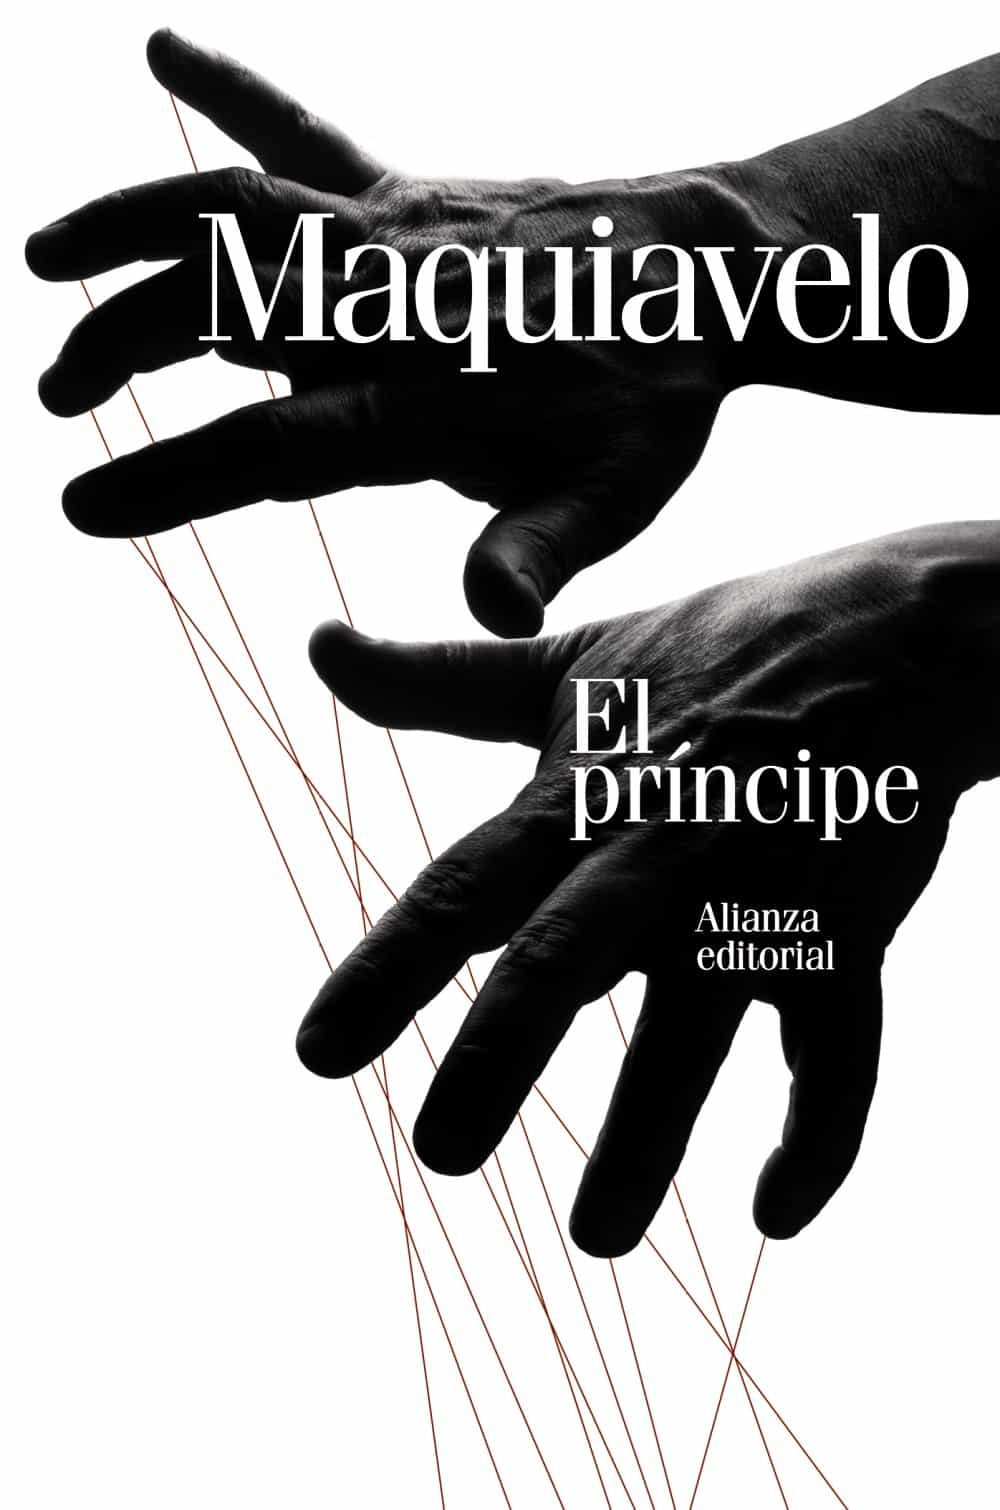 el príncipe de maquiavelo pdf libro completo